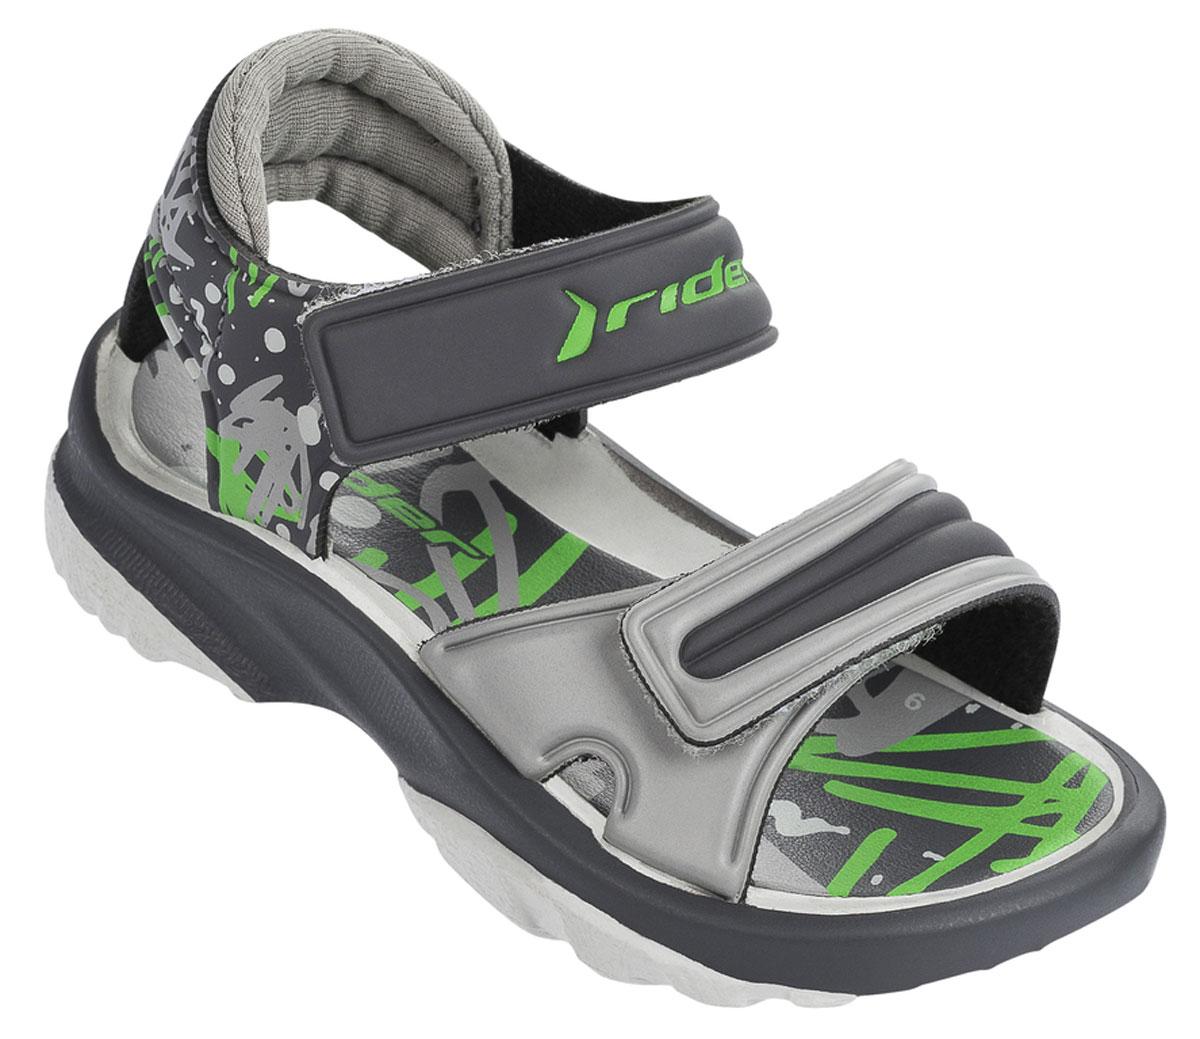 Сандалии81912-20996Стильные детские сандалии K2 Twist Vi Baby от Rider выполнены из ЭВА материала. Ремешки с застежками-липучками отвечают за надежную фиксацию модели на ножке вашего ребенка. Стелька из материала ЭВА для максимального комфорта и амортизации. Гибкая подошва дополнена рифлением.